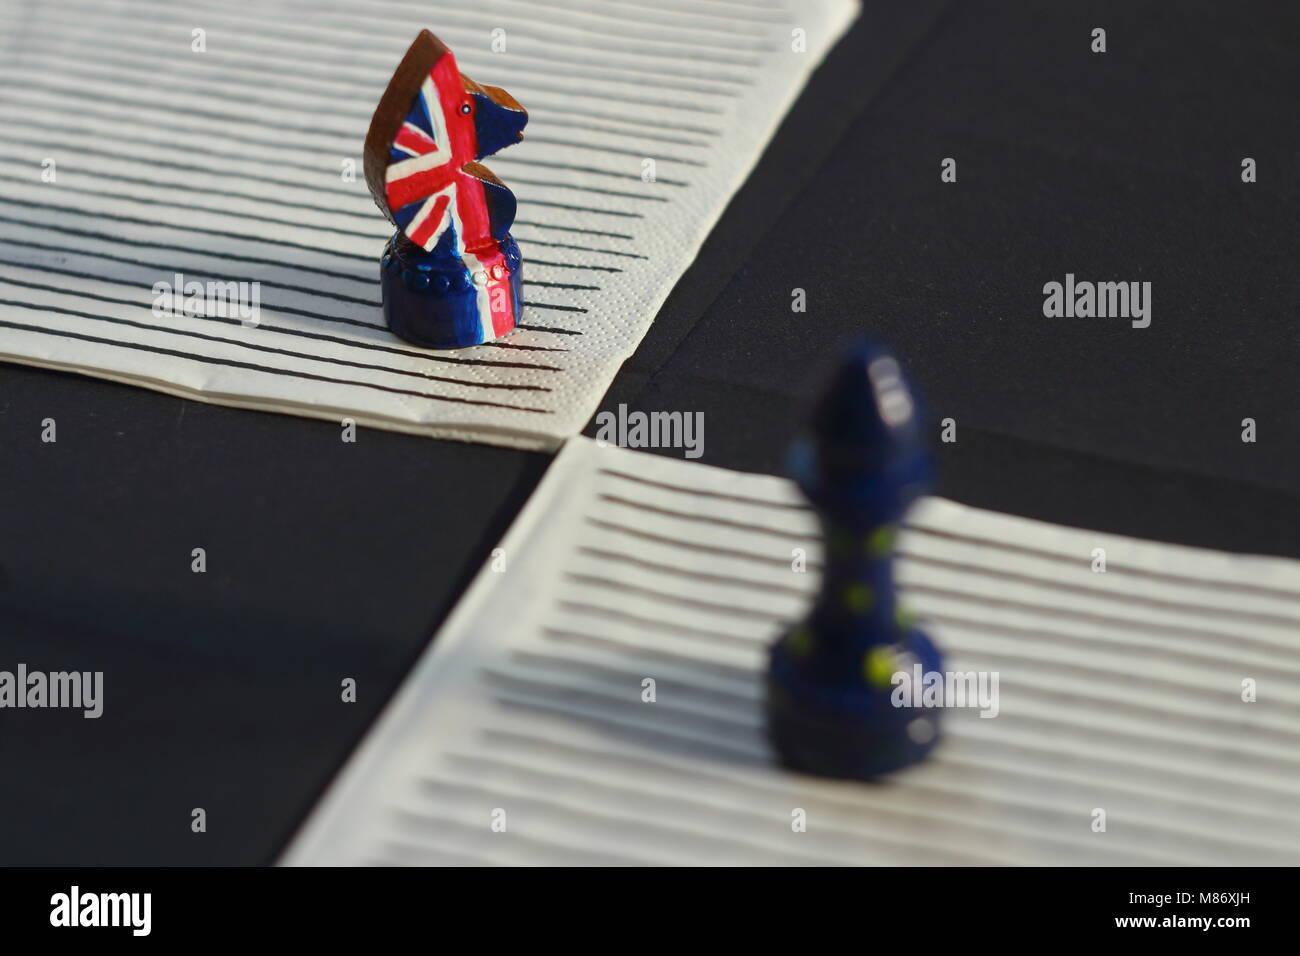 Juego de ajedrez de confrontación de las naciones de Europa y Gran Bretaña Imagen De Stock